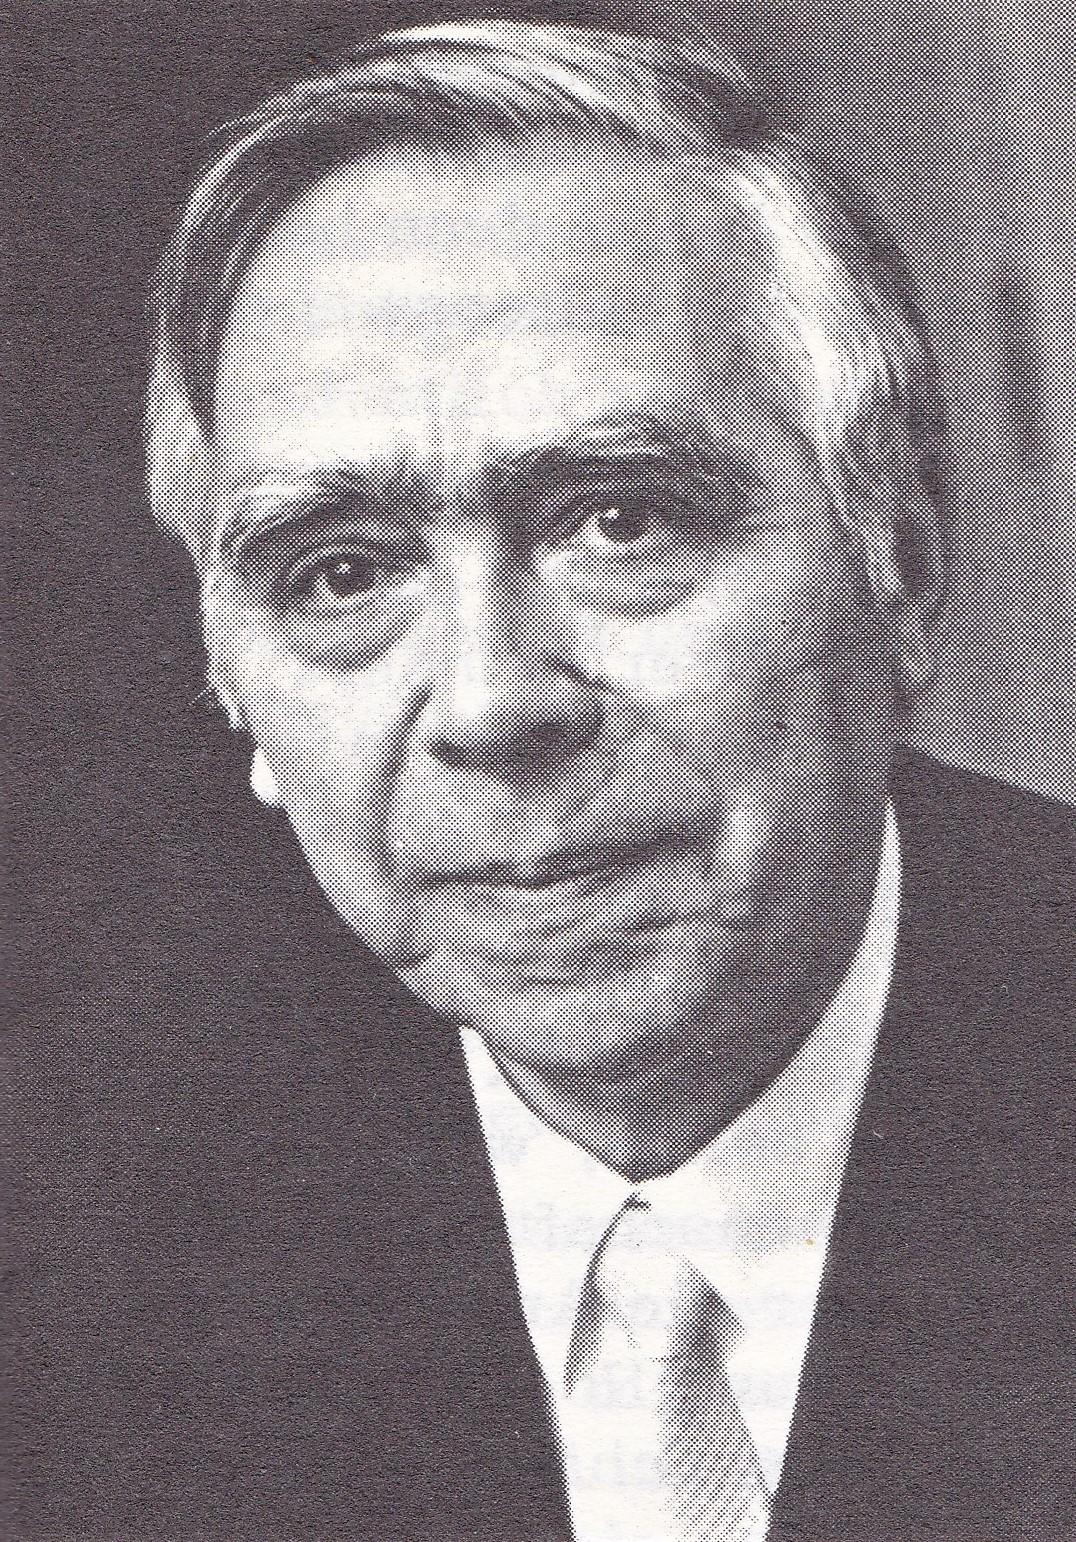 Karl August Reiser